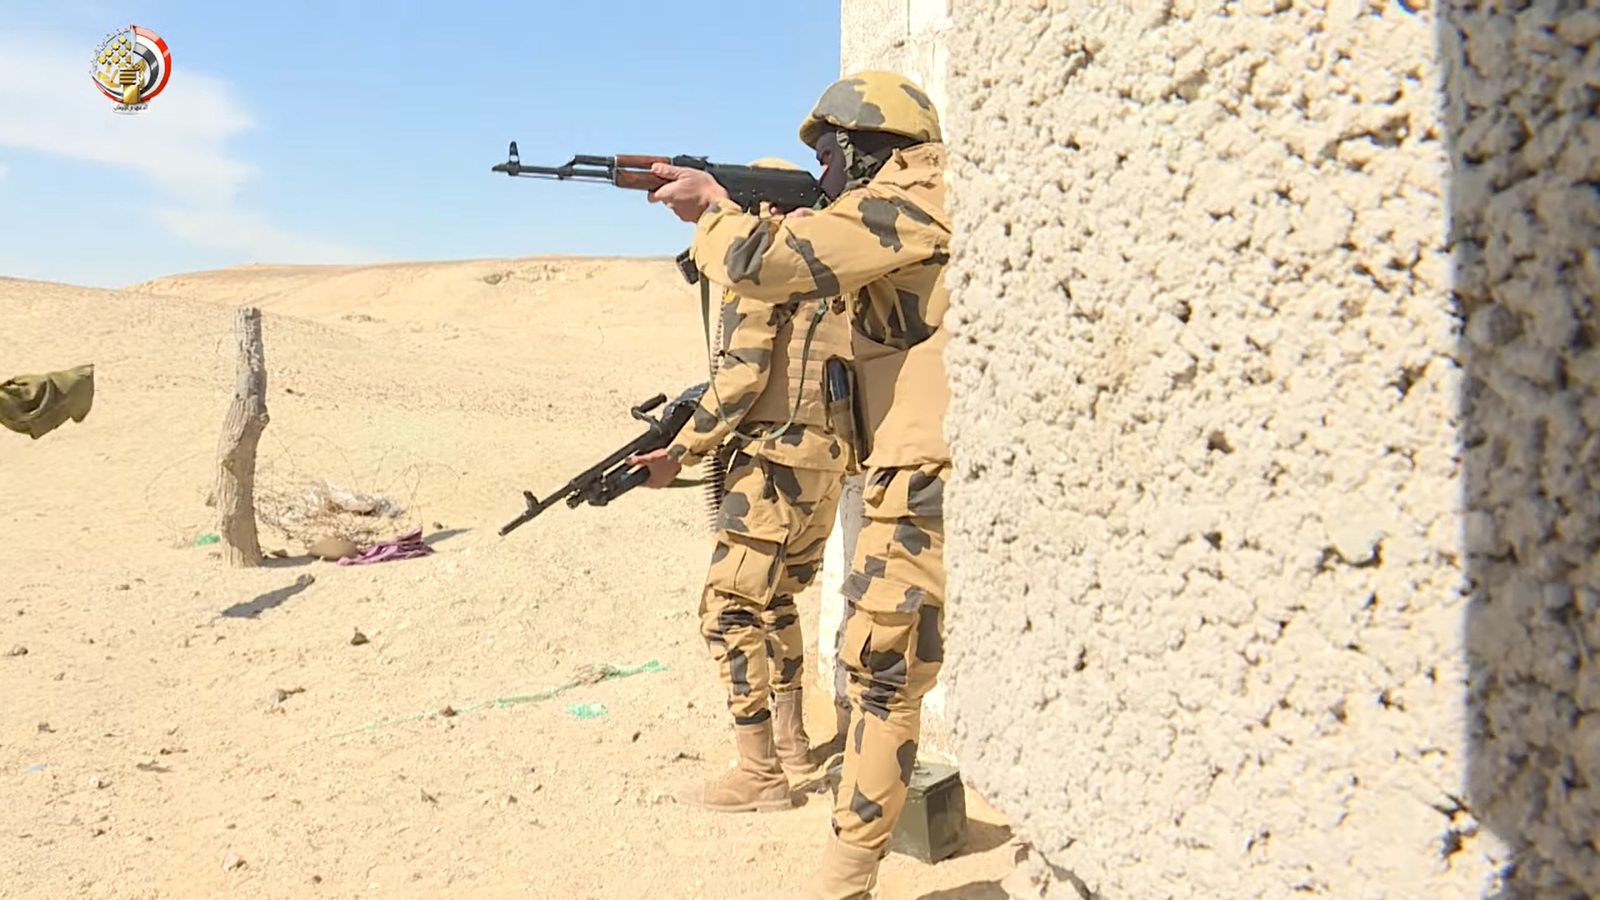 القوات المسلحة تعلن مقتل 89 تكفيريا بشمال سيناء  (3)